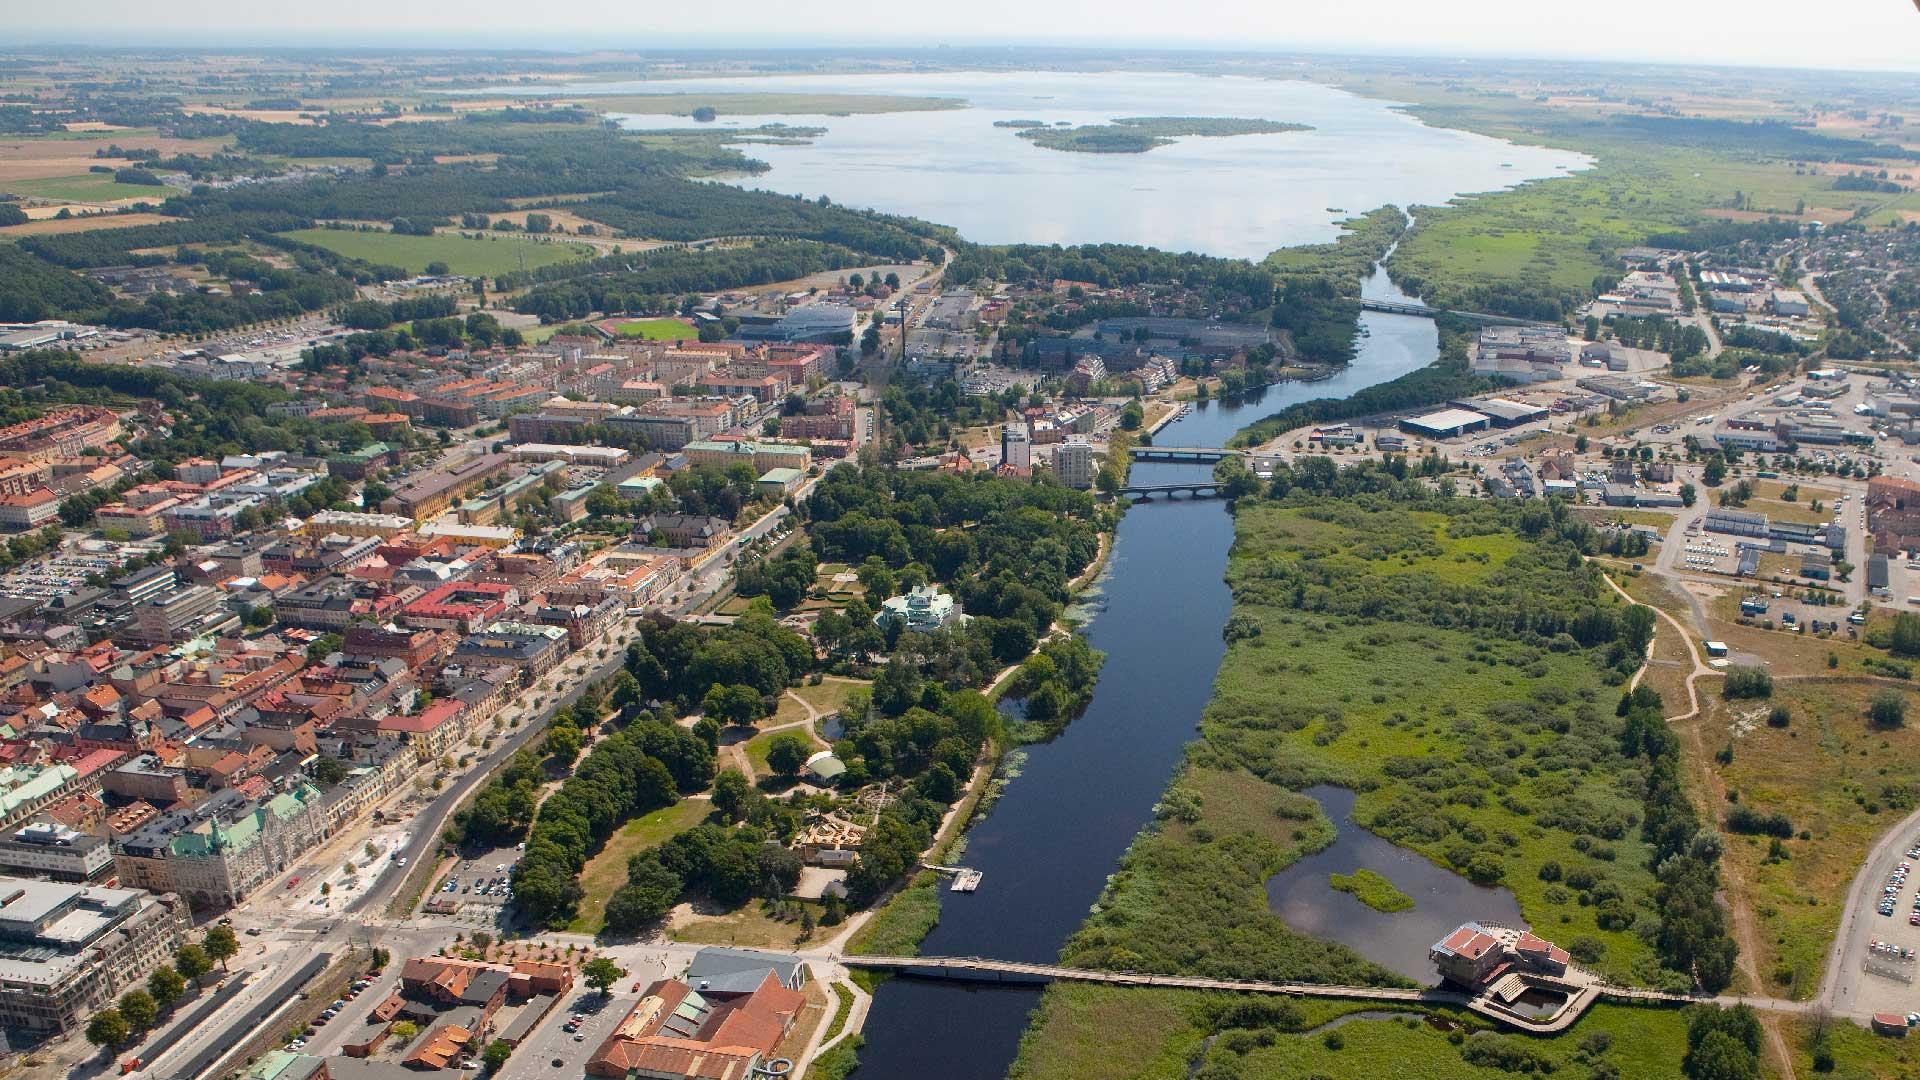 Flygbild med Kristianstad och naturum med vy mot Hammarsjön och kusten i horisonten. Foto Patrik Olofsson.